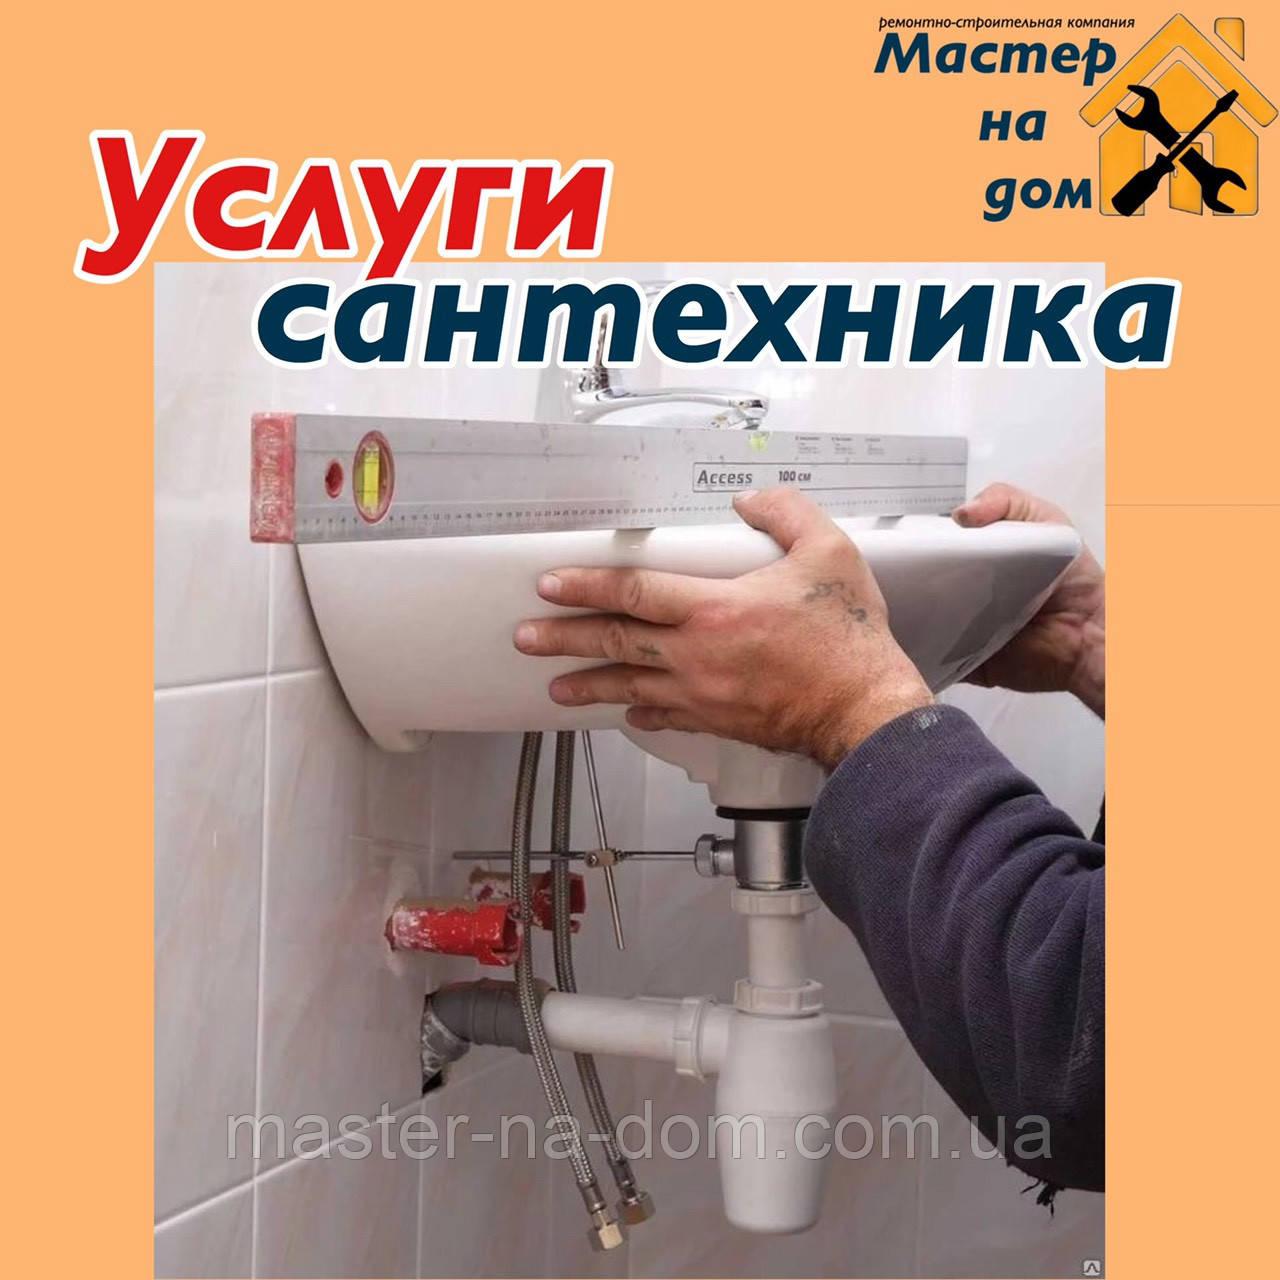 Услуги сантехника в Луцке